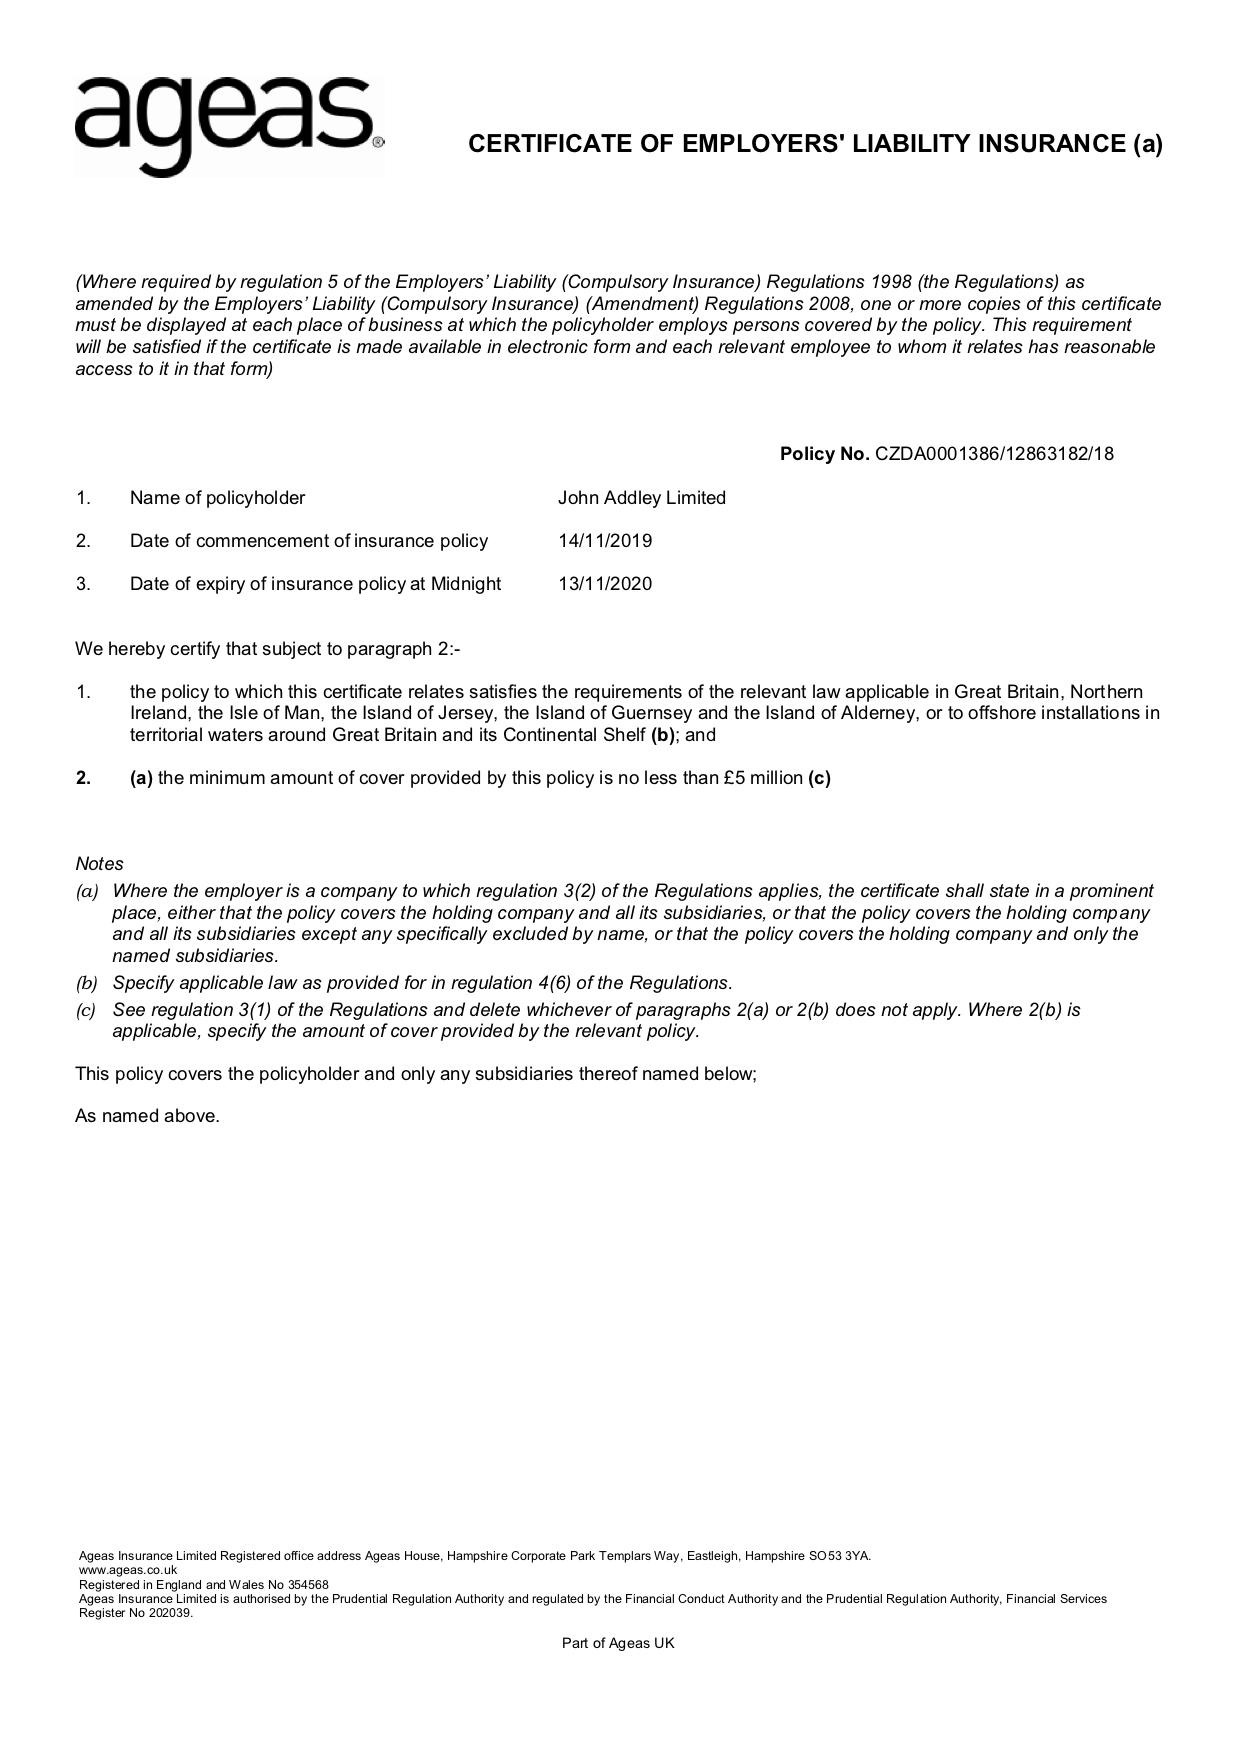 John Addley Limited - EL Cert 19-20